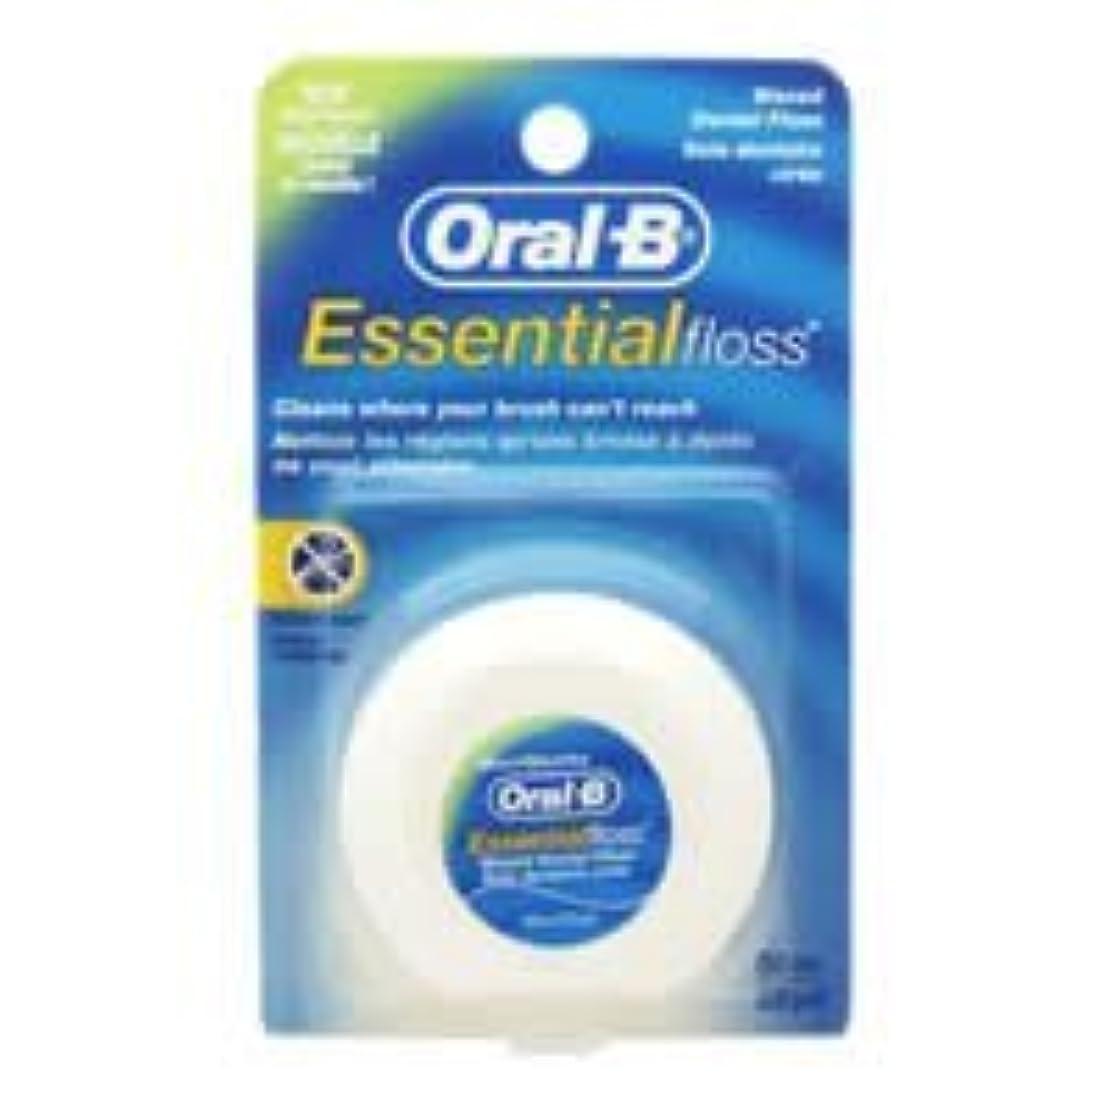 軽静める永久Oral-B Essential Waxed Dental Floss Mint by Oral-B